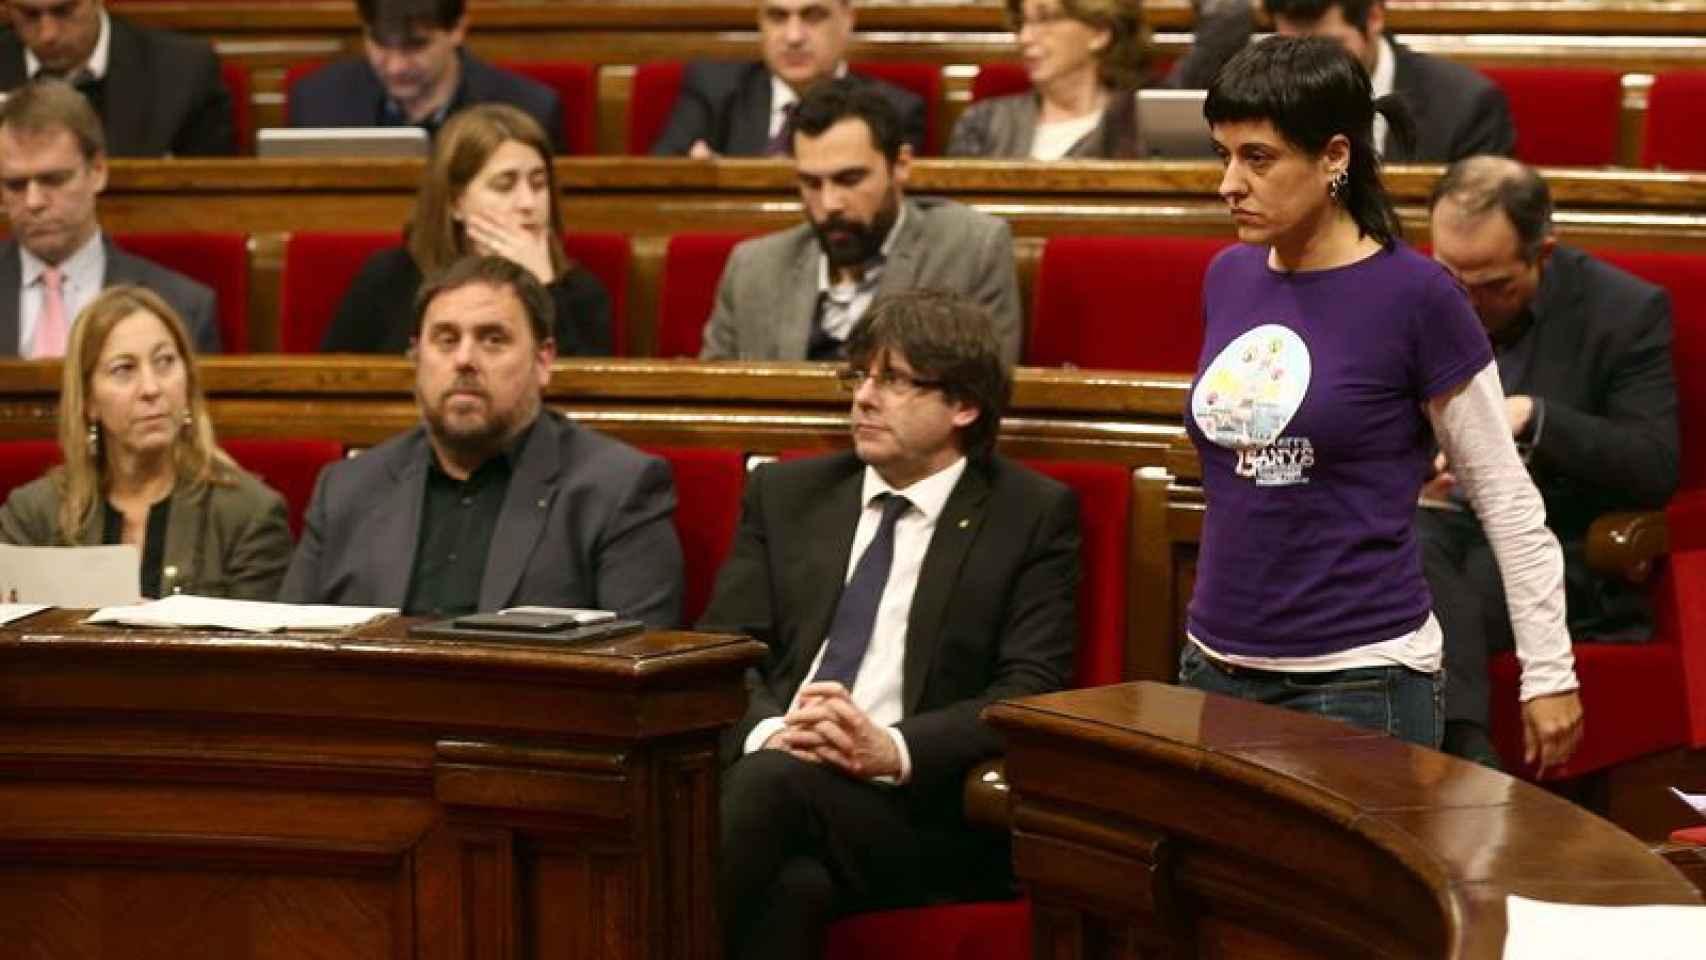 La diputada de la CUP, Anna Gabriel pasa ante el presidente de la Generalitat, Carles Puigdemont